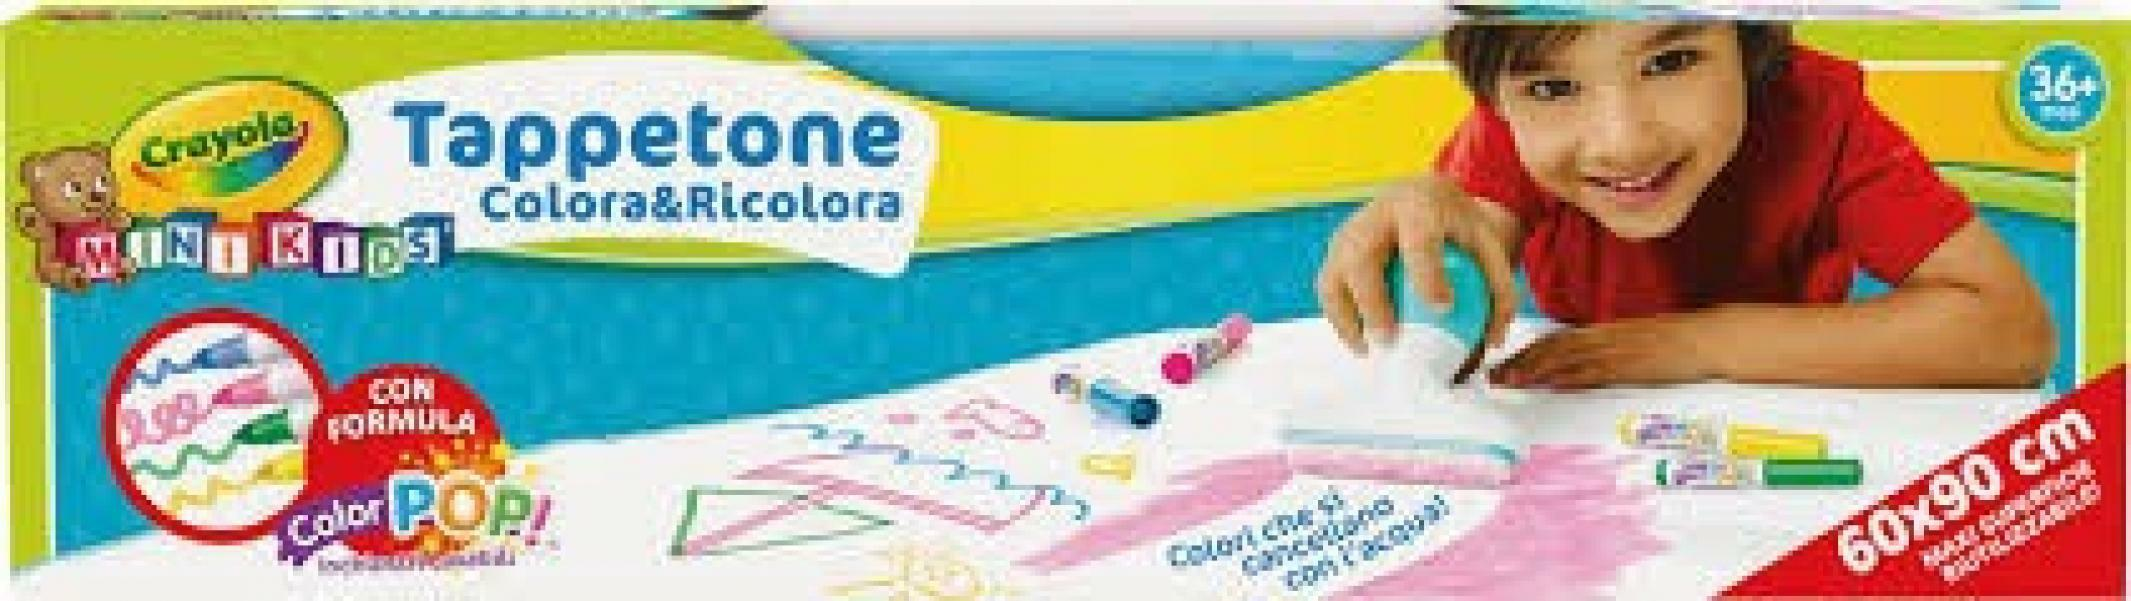 crayola tappetone colora e ricolora